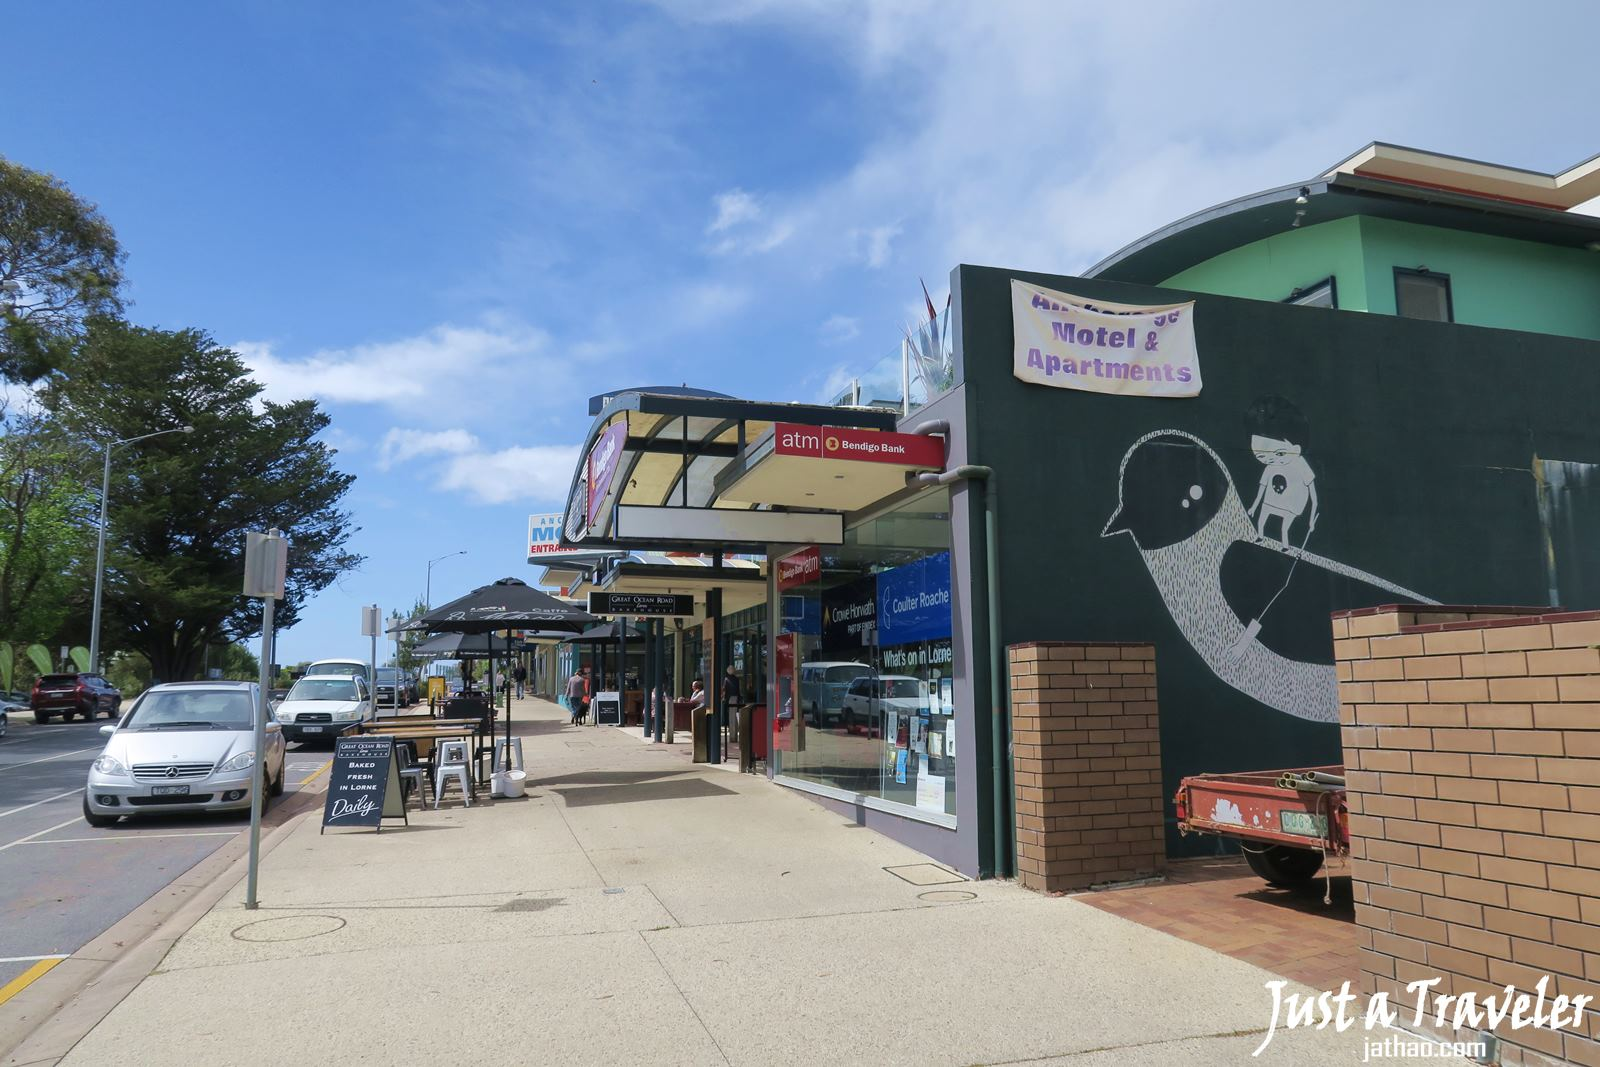 墨爾本-大洋路-景點-推薦-洛恩小鎮-Lorne-一日遊-二日遊-自由行-行程-旅遊-跟團-交通-自駕-住宿-澳洲-Melbourne-Great-Ocean-Road-Travel-Tour-Australia